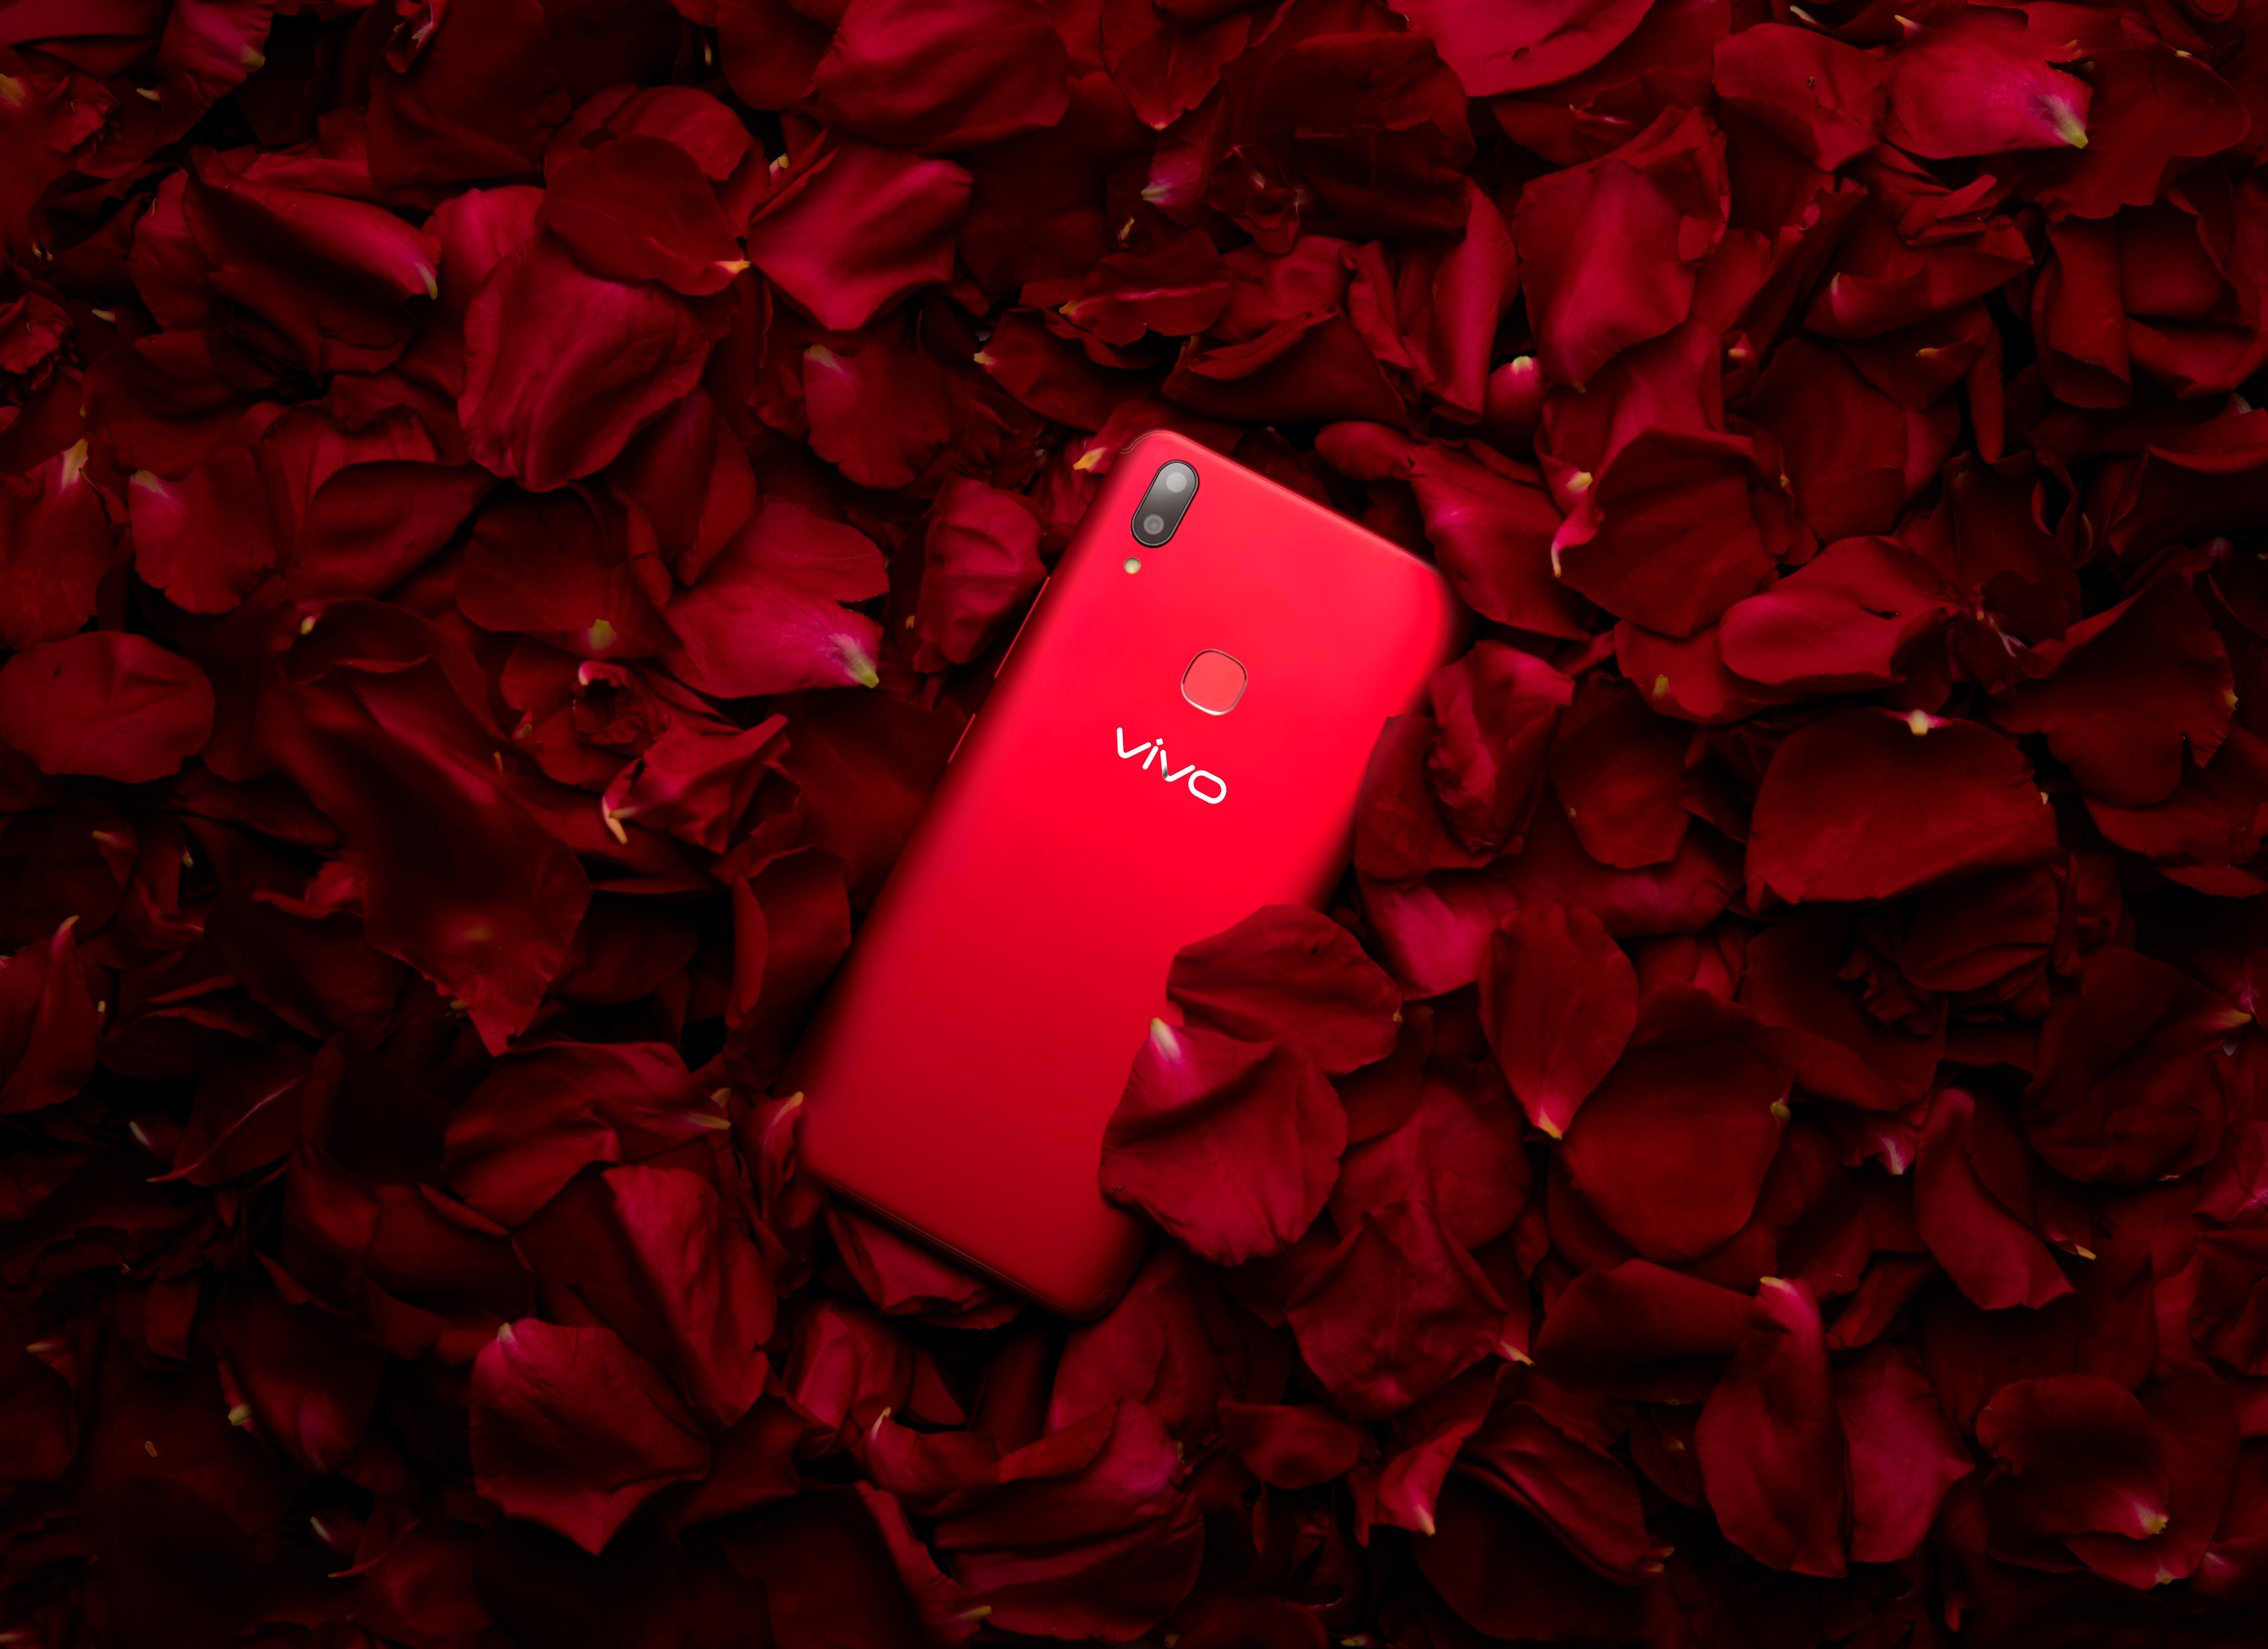 Vivo V9 in Elegant Velvet Red Available For P17,990